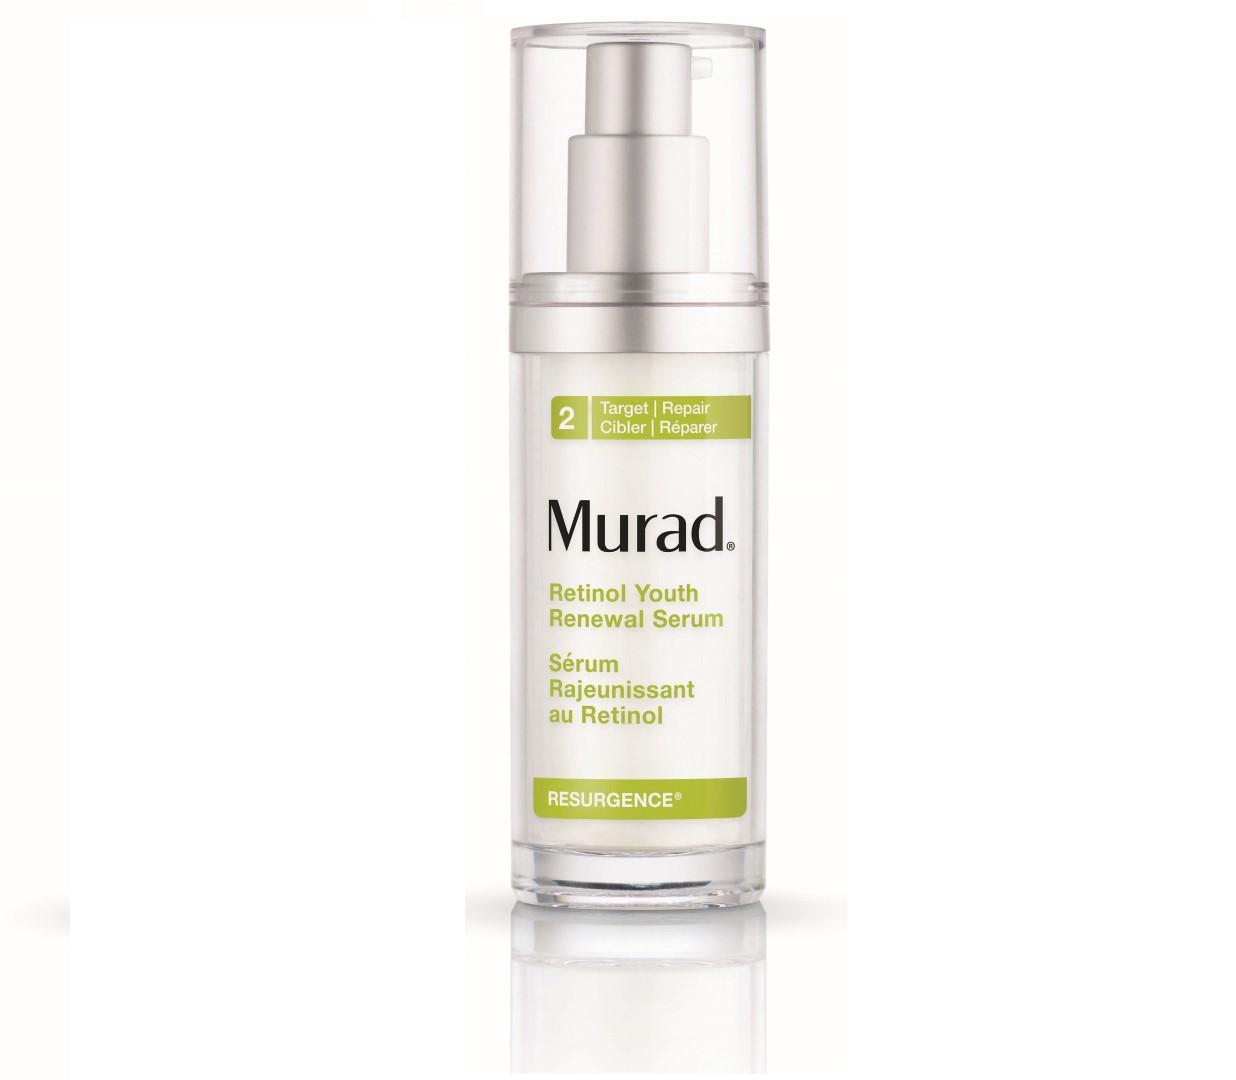 Murad 1